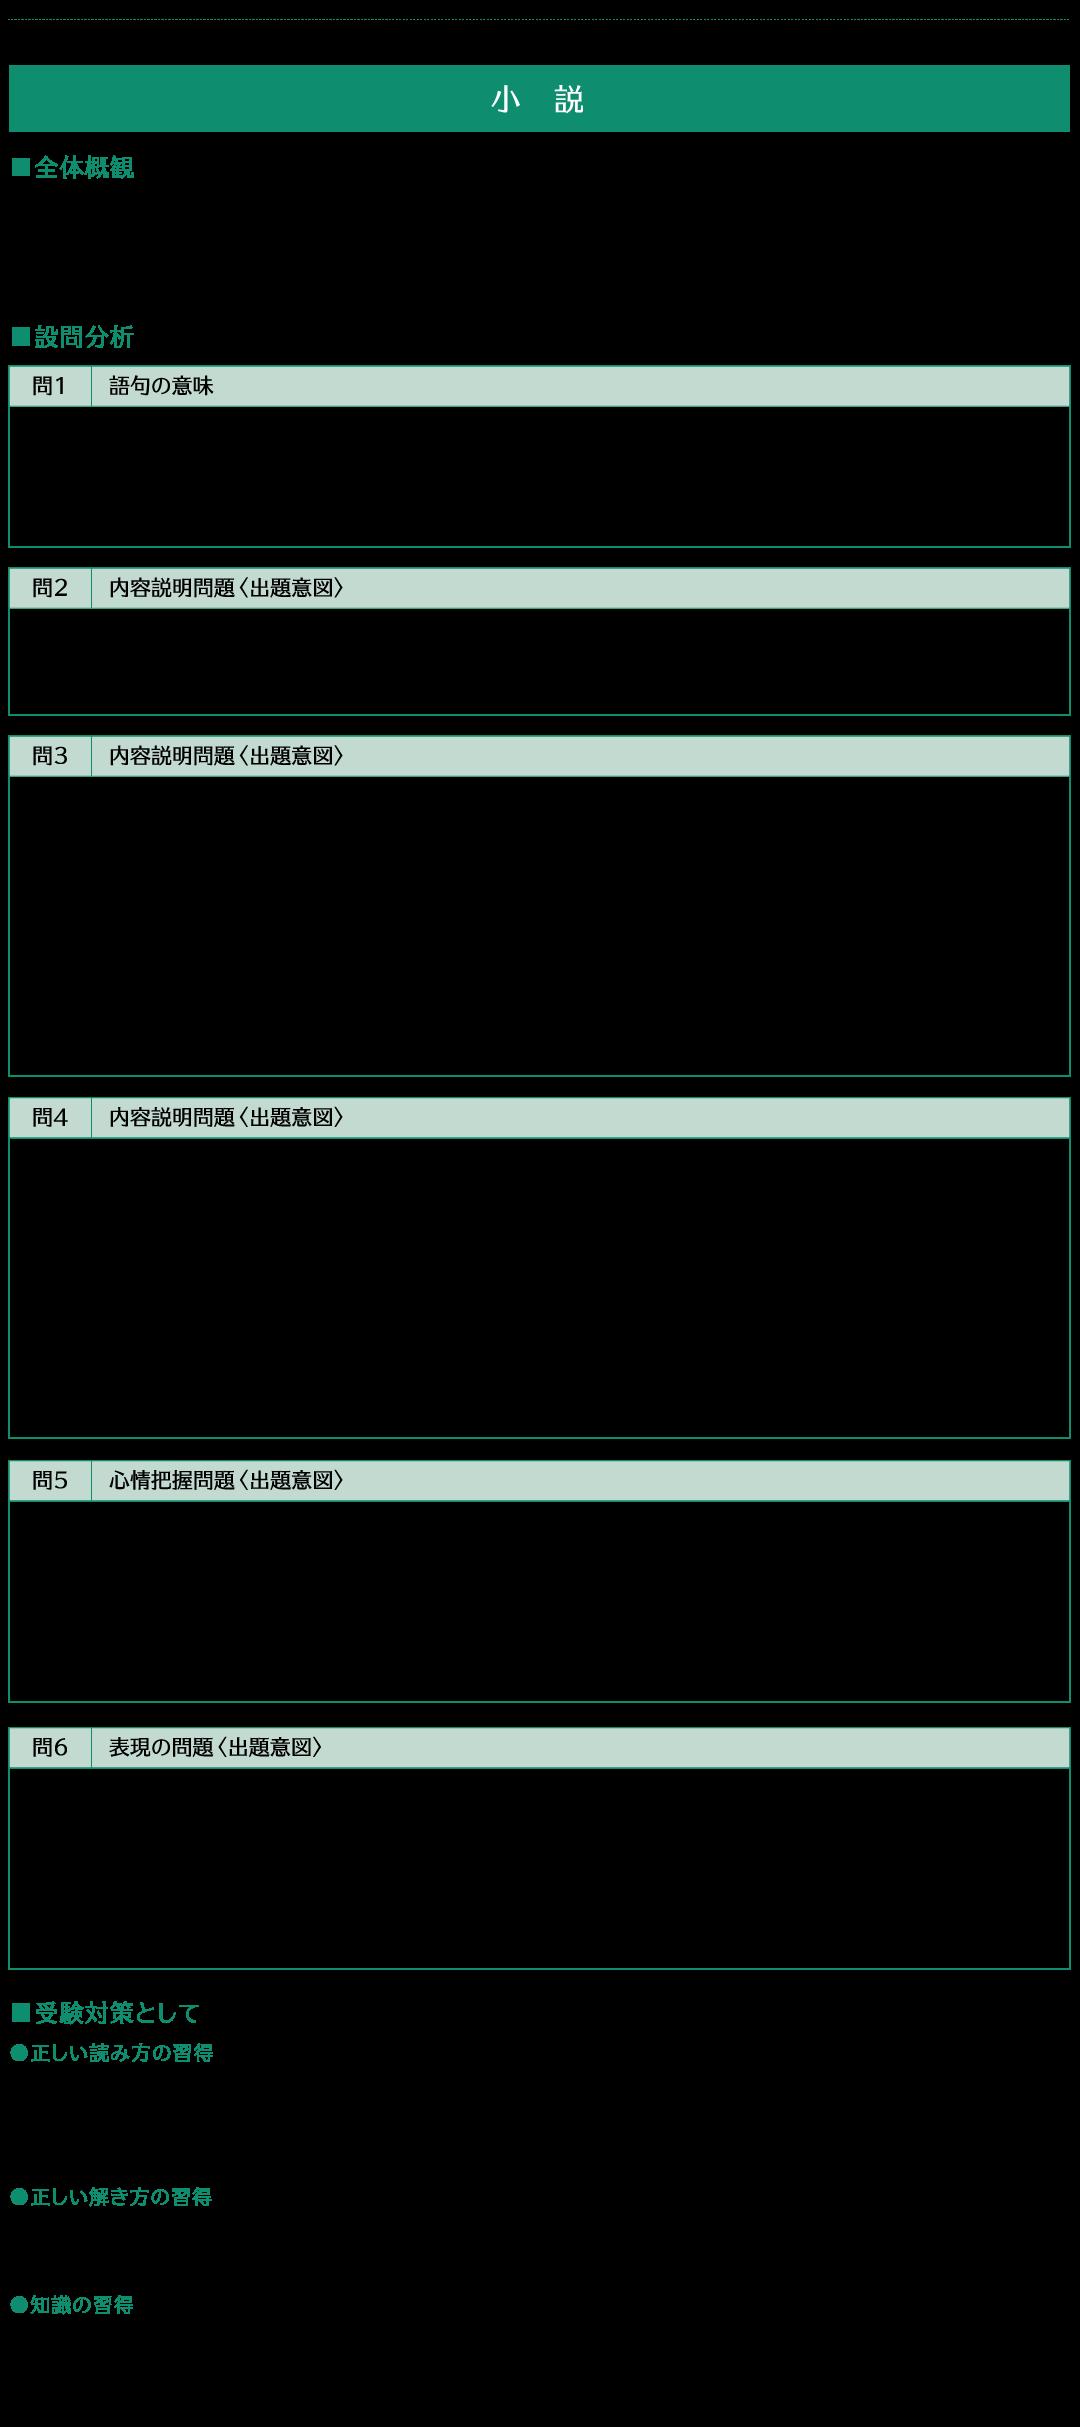 大学入試センター試験小説